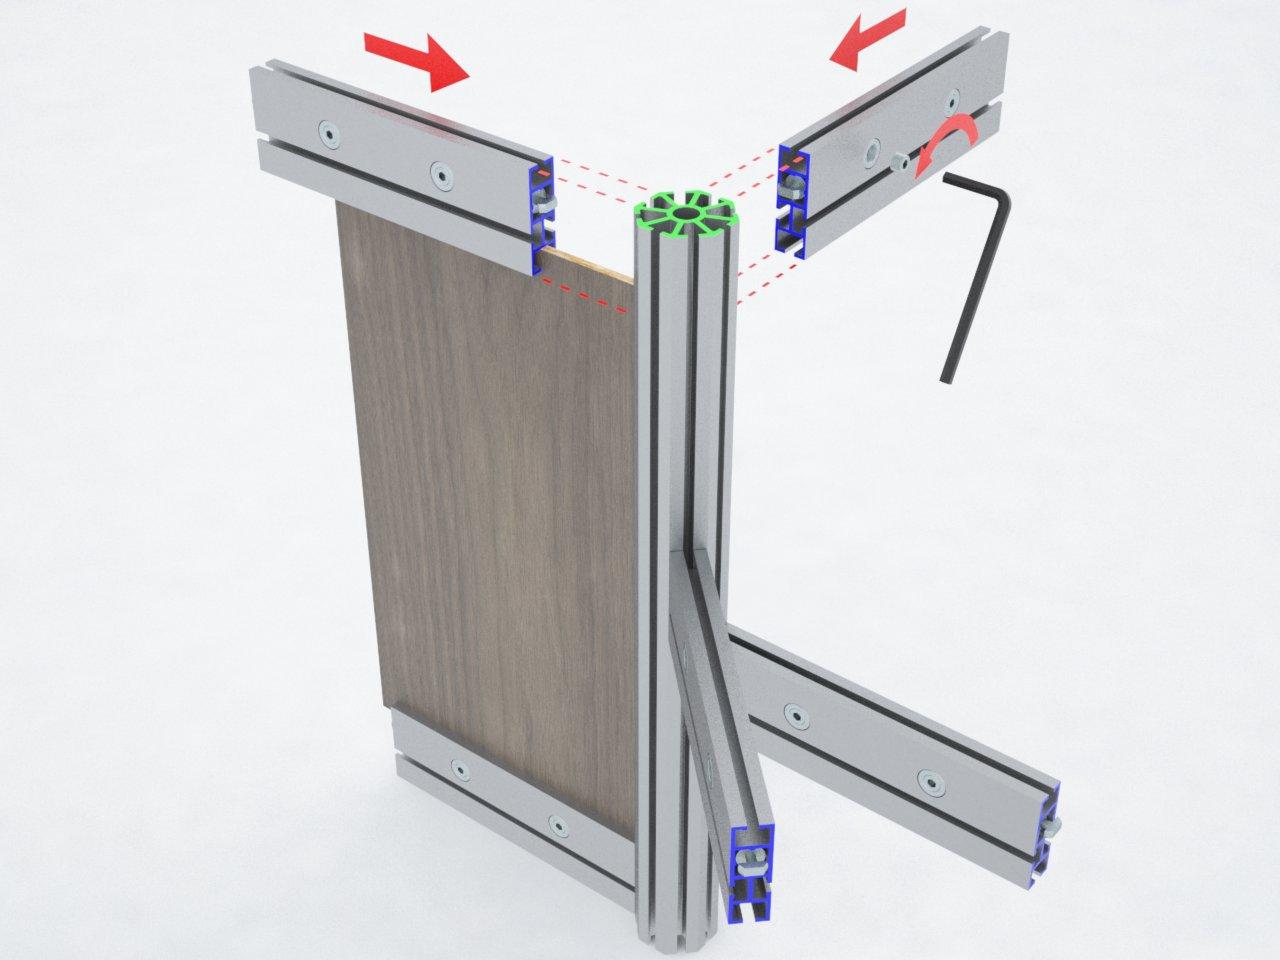 Detalhe da montagem das travessas de alumínio T500L no montante C180, para formar estruturas modulares de stands, divisórias, boxes de corrida, cabines de foto, etc.